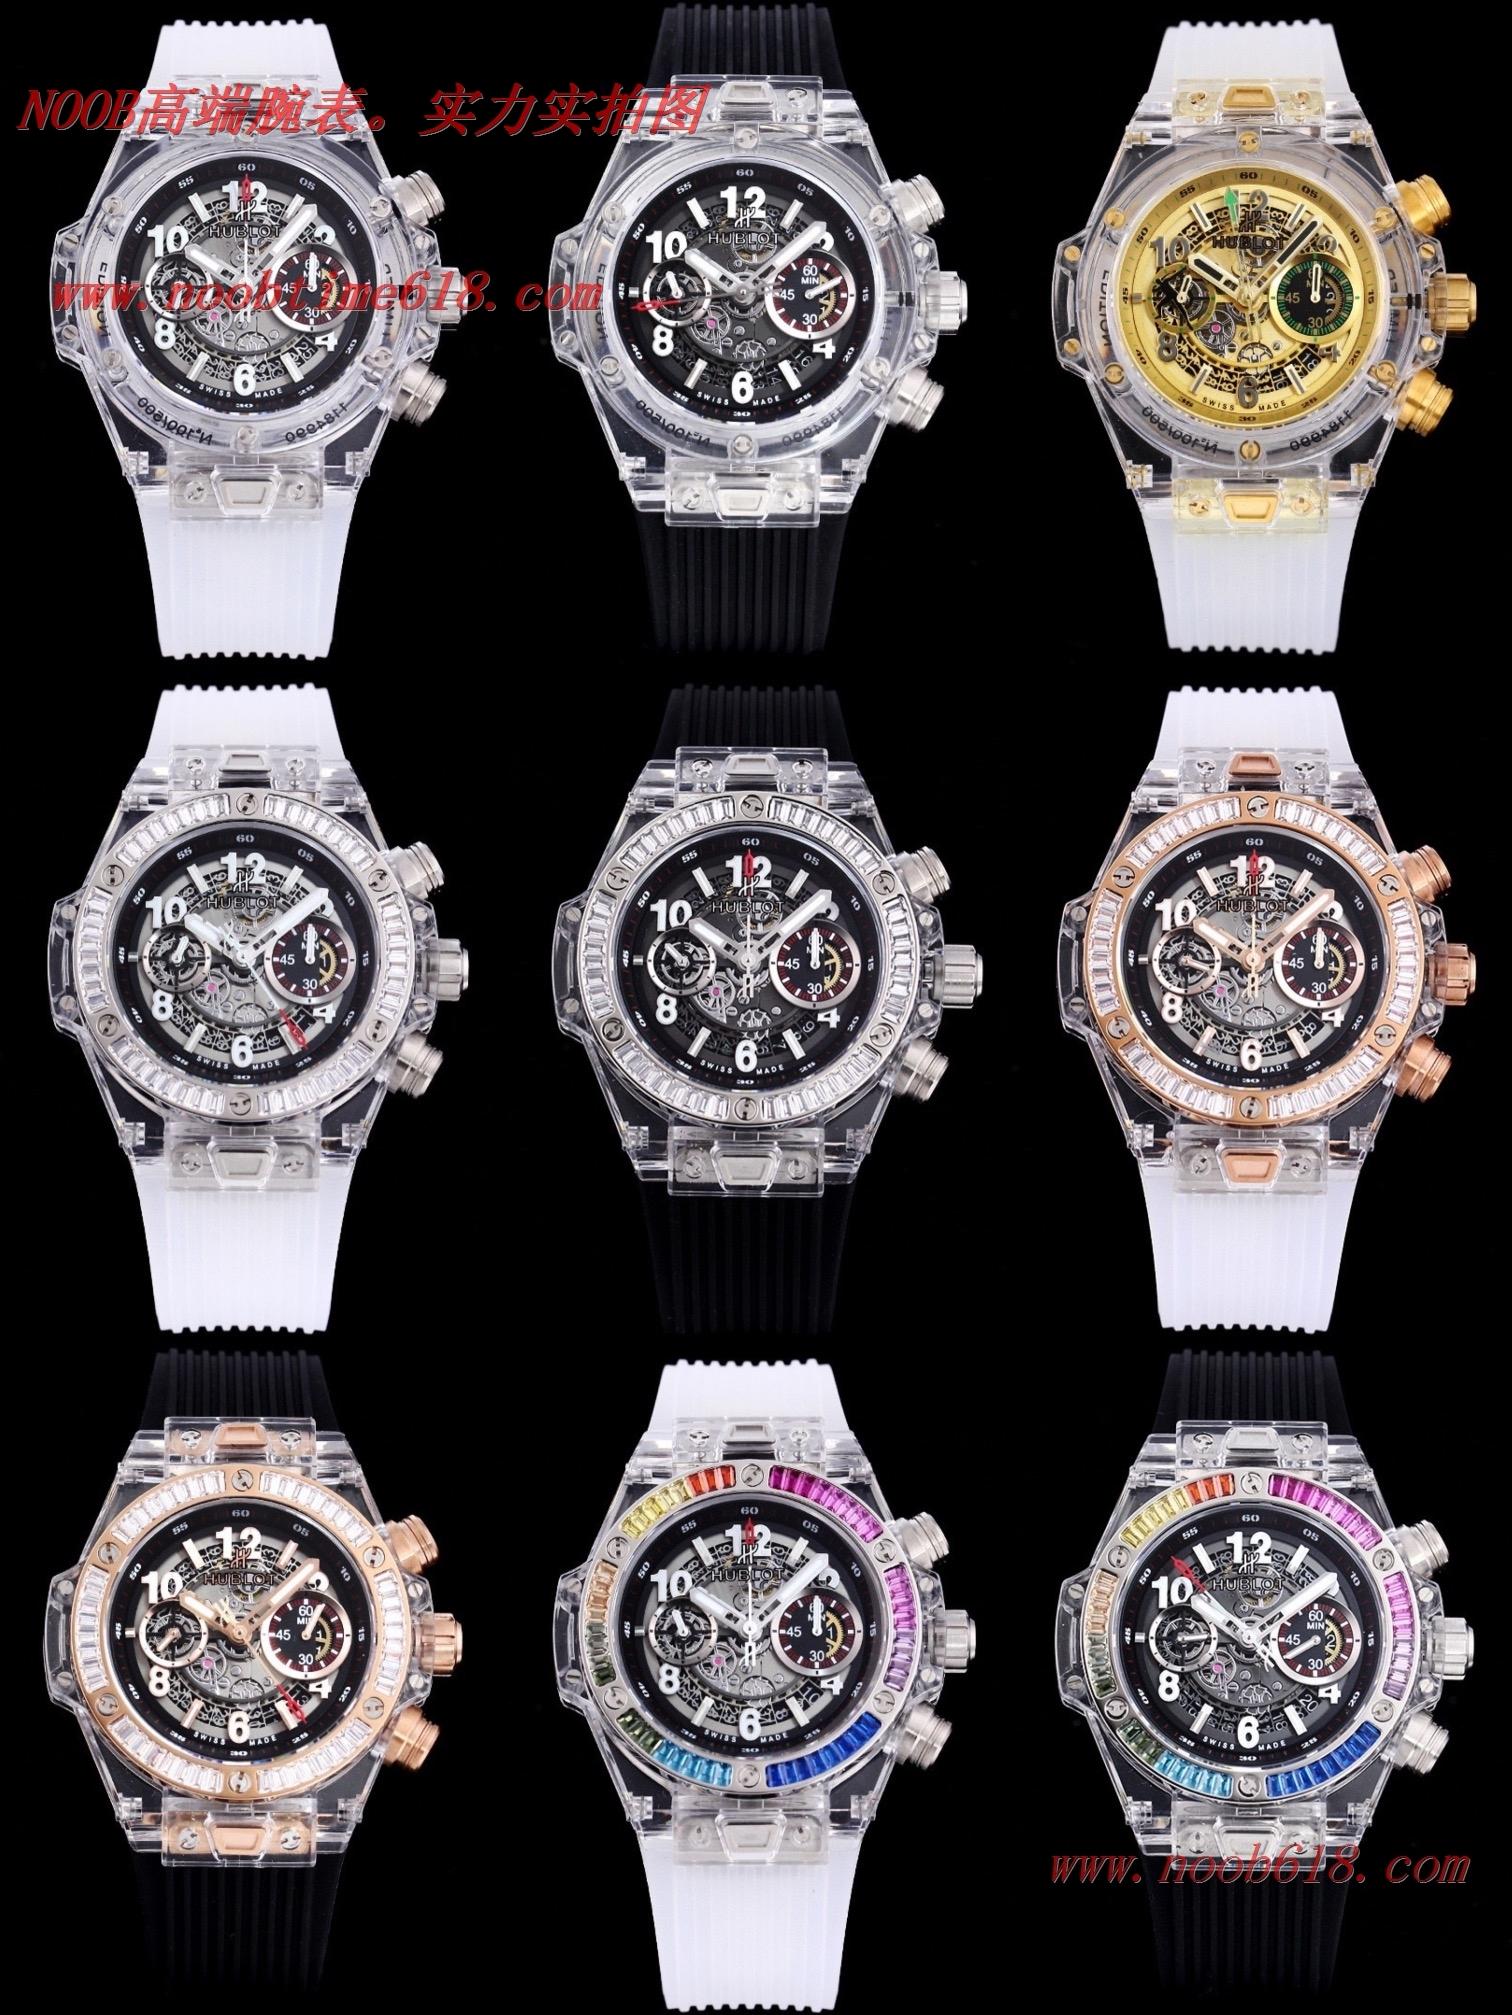 仿錶,精仿錶,透明手錶恒寶HUBLOT宇舶BIG BANG系列411.JX.4802.RT全透明腕表,N廠手錶